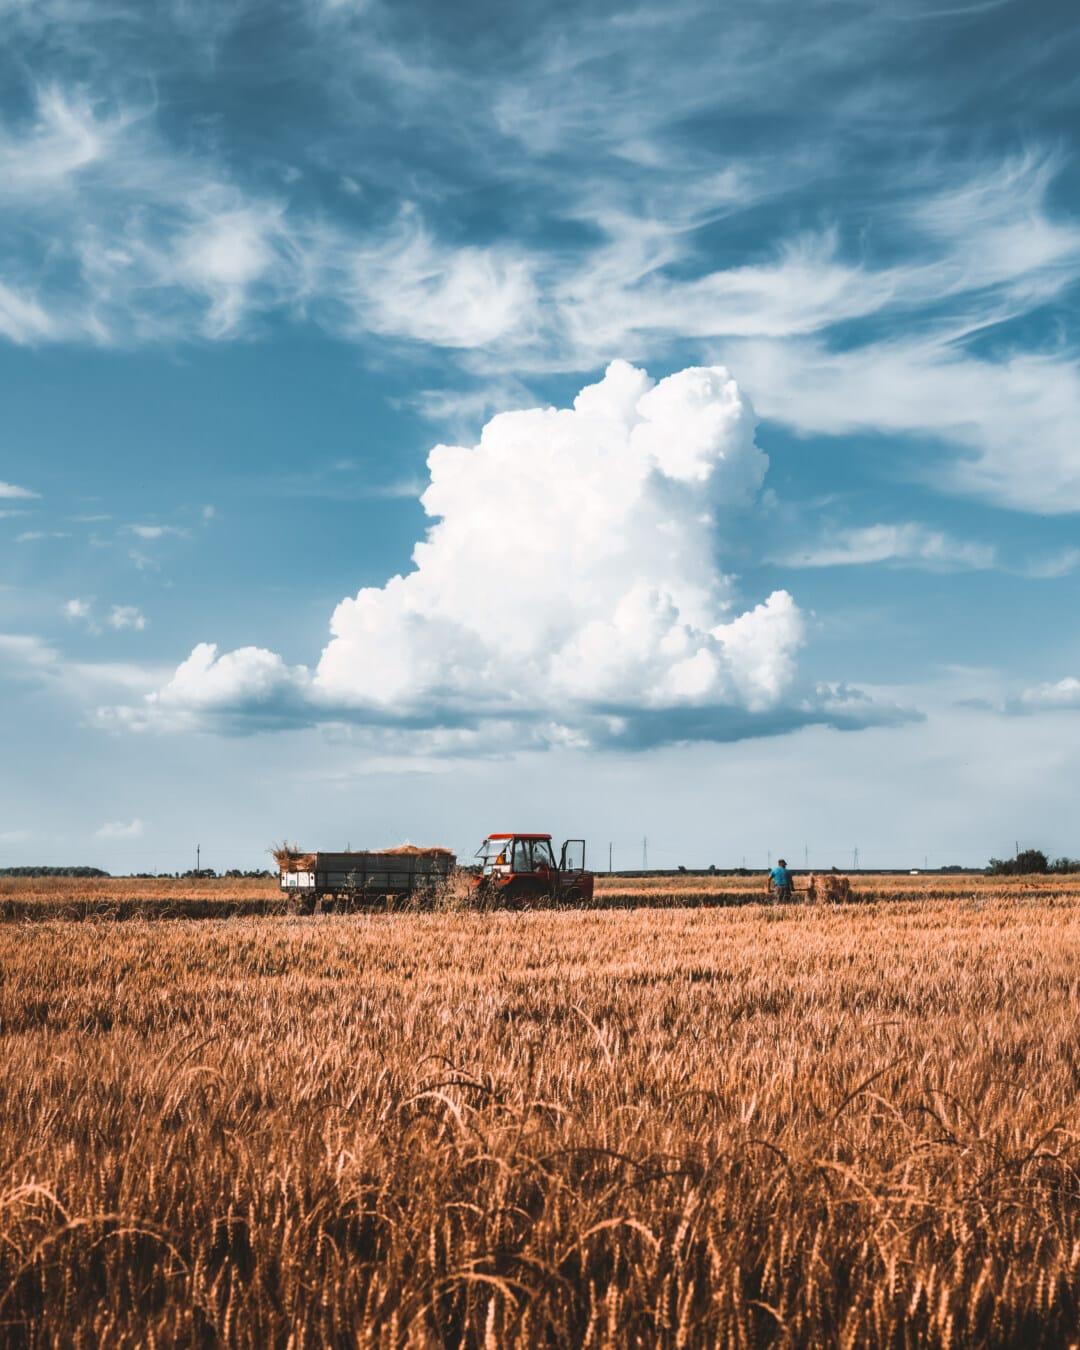 Weizenfeld, Harvest, Weizen, Harvestman, Manuell, Produktion, landwirtschaftlich, Getreide, Stroh, des ländlichen Raums